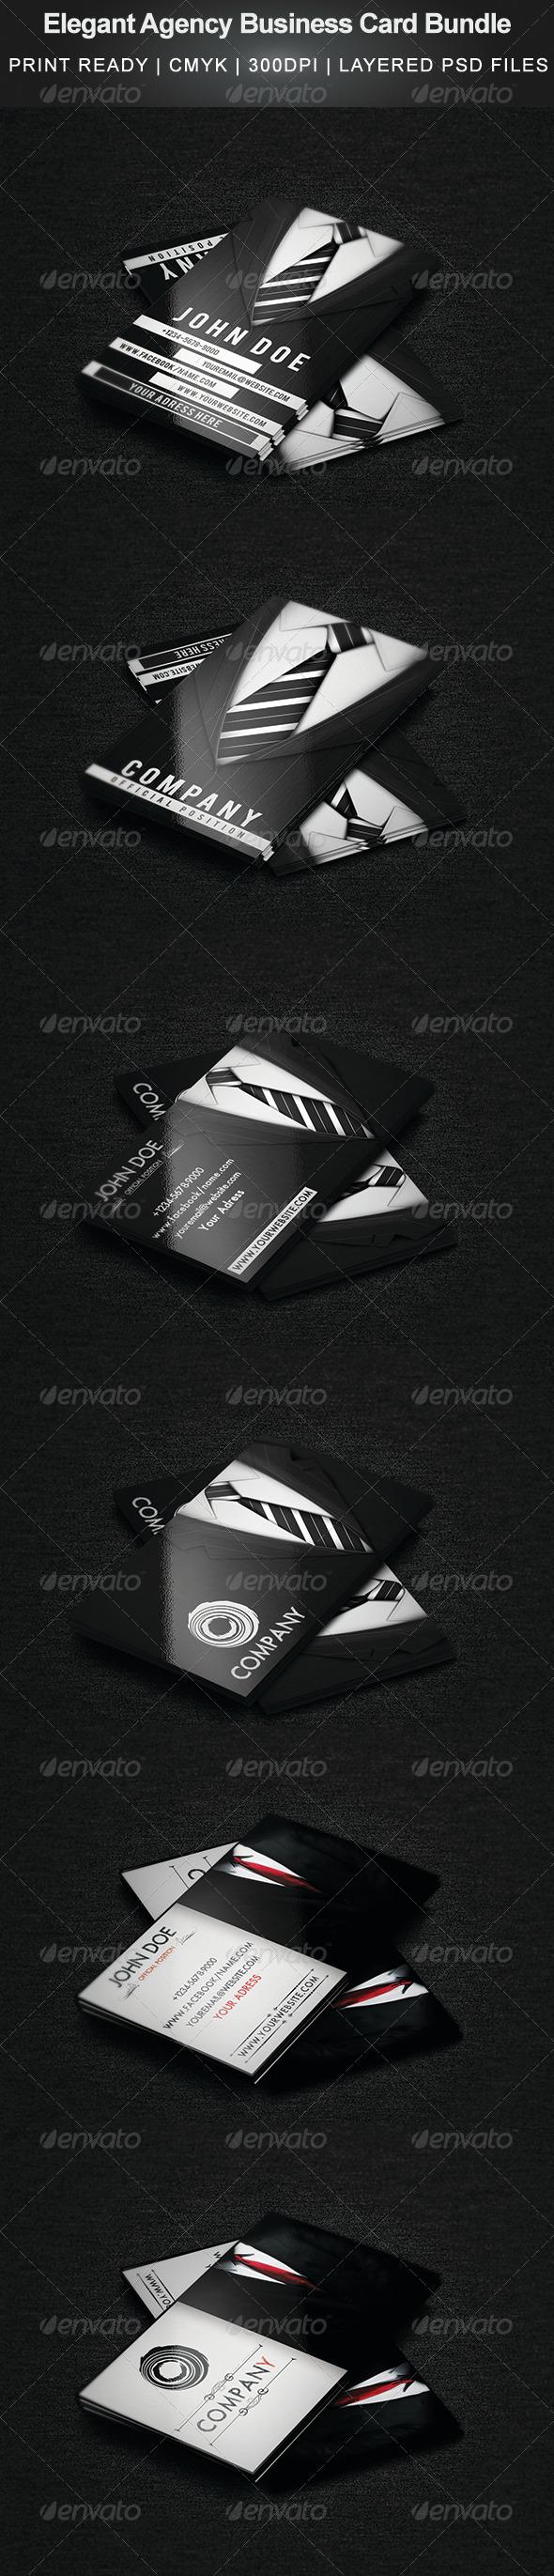 GraphicRiver Elegant Agency Business Card Bundle 5256200